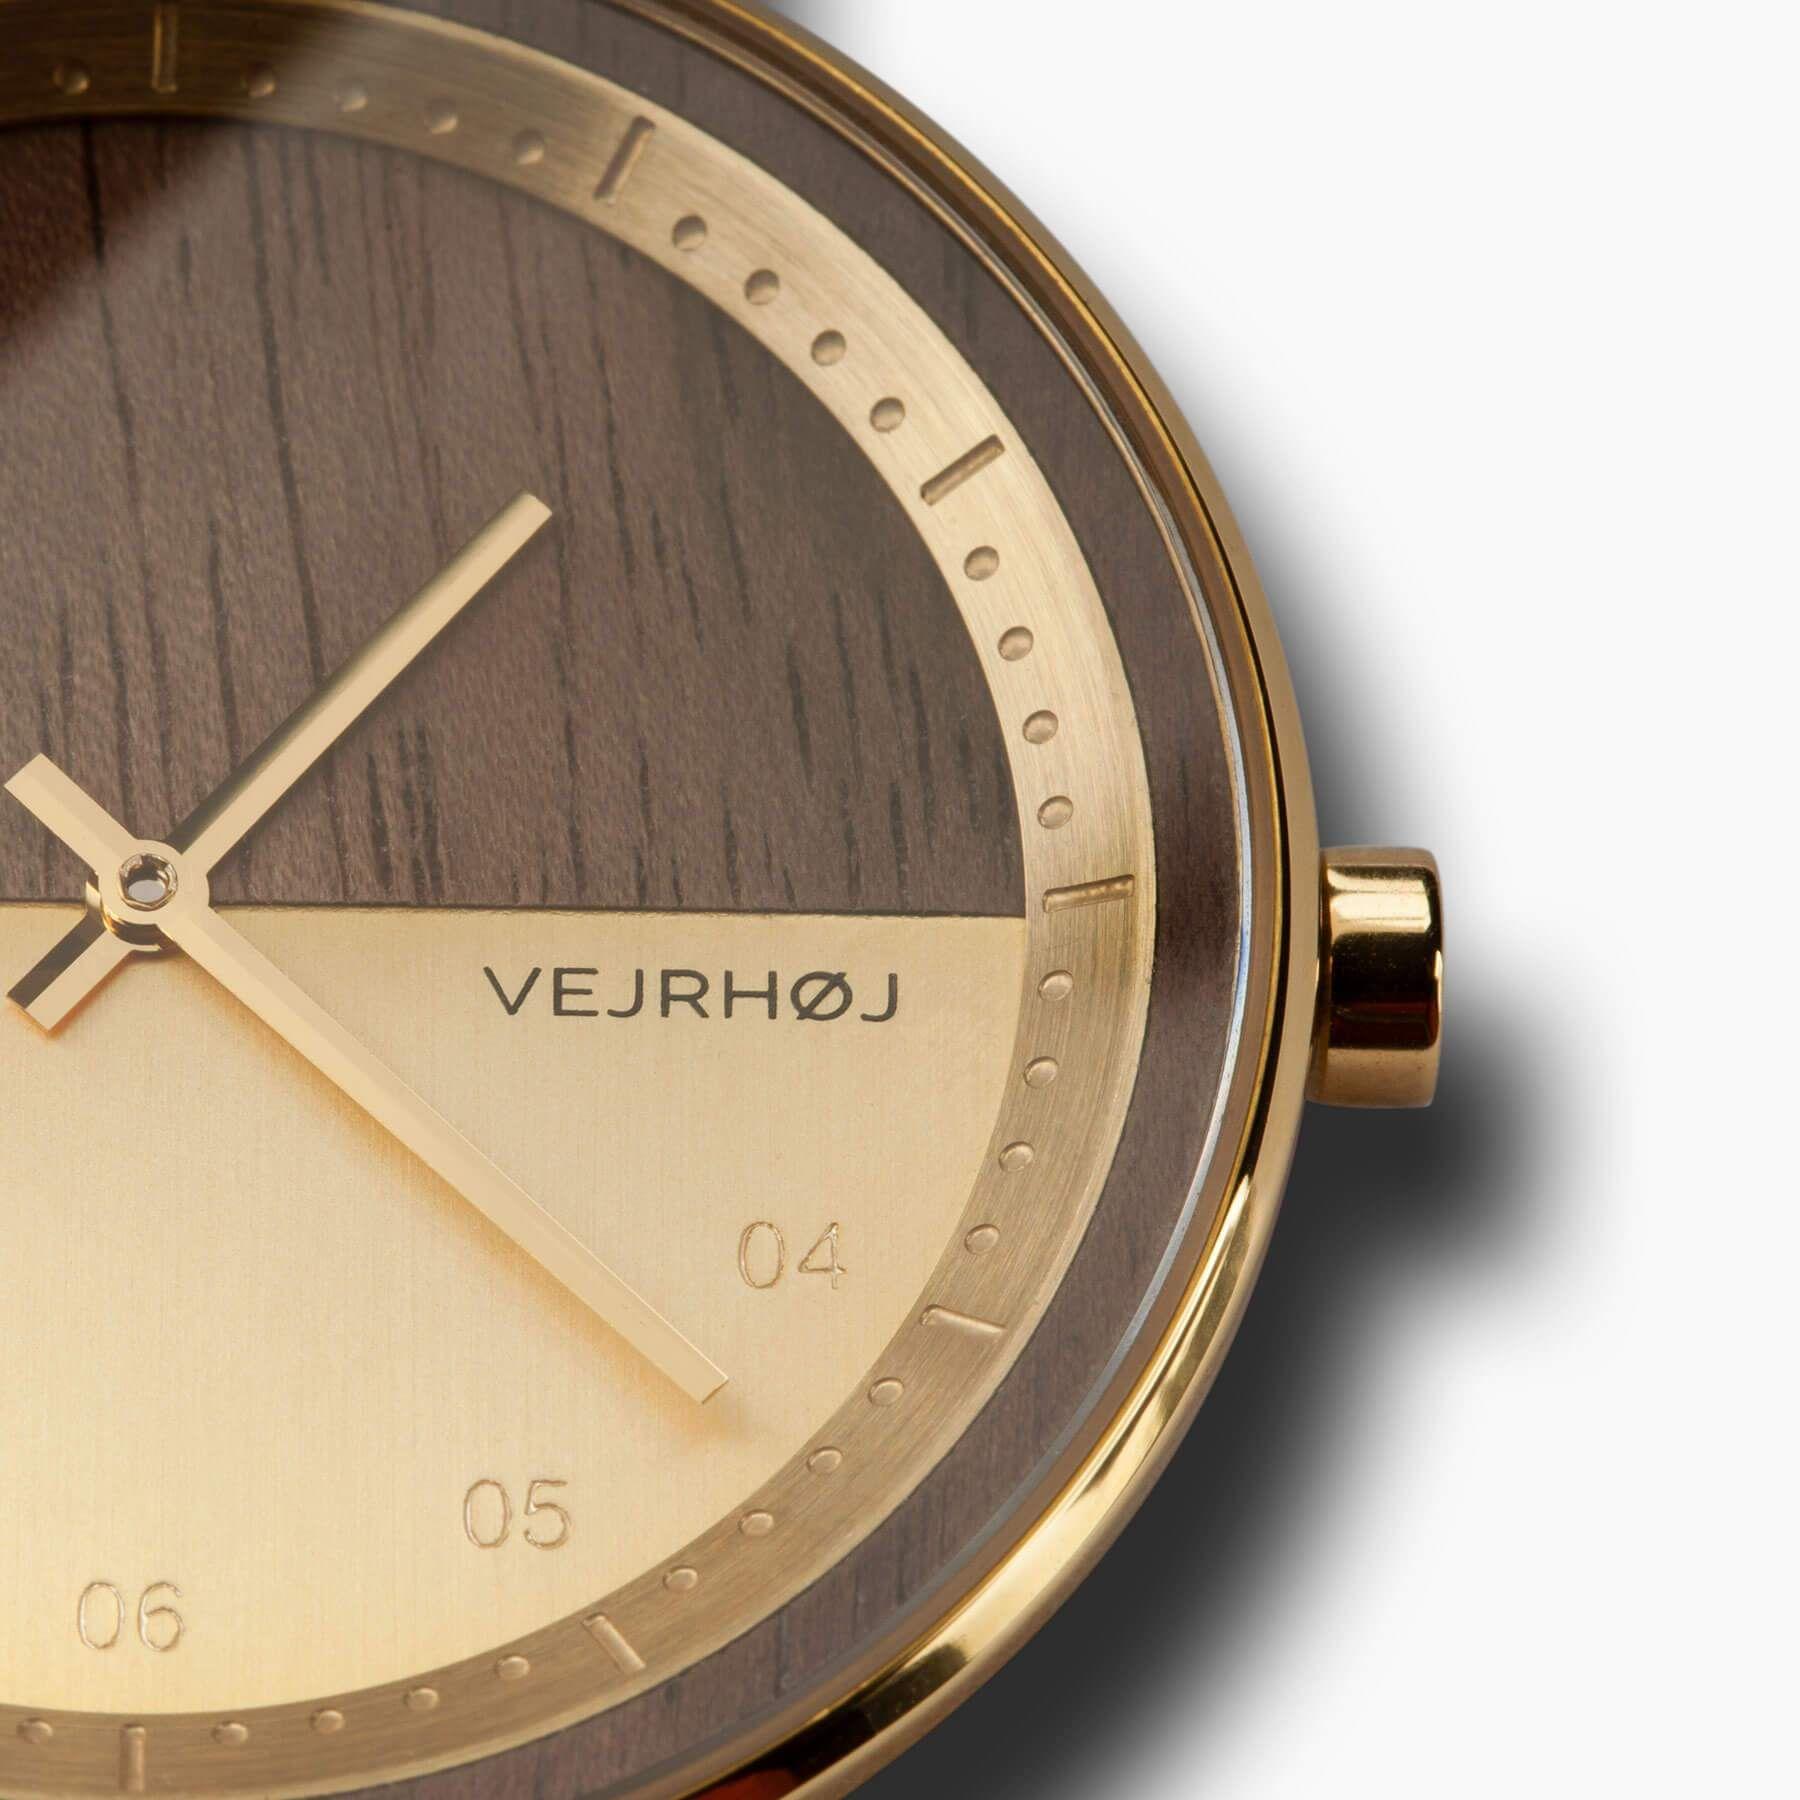 f15b0330b42 Herreur fra Vejrhøj i træ og guld.   Watches / ure in 2019   Guld ...